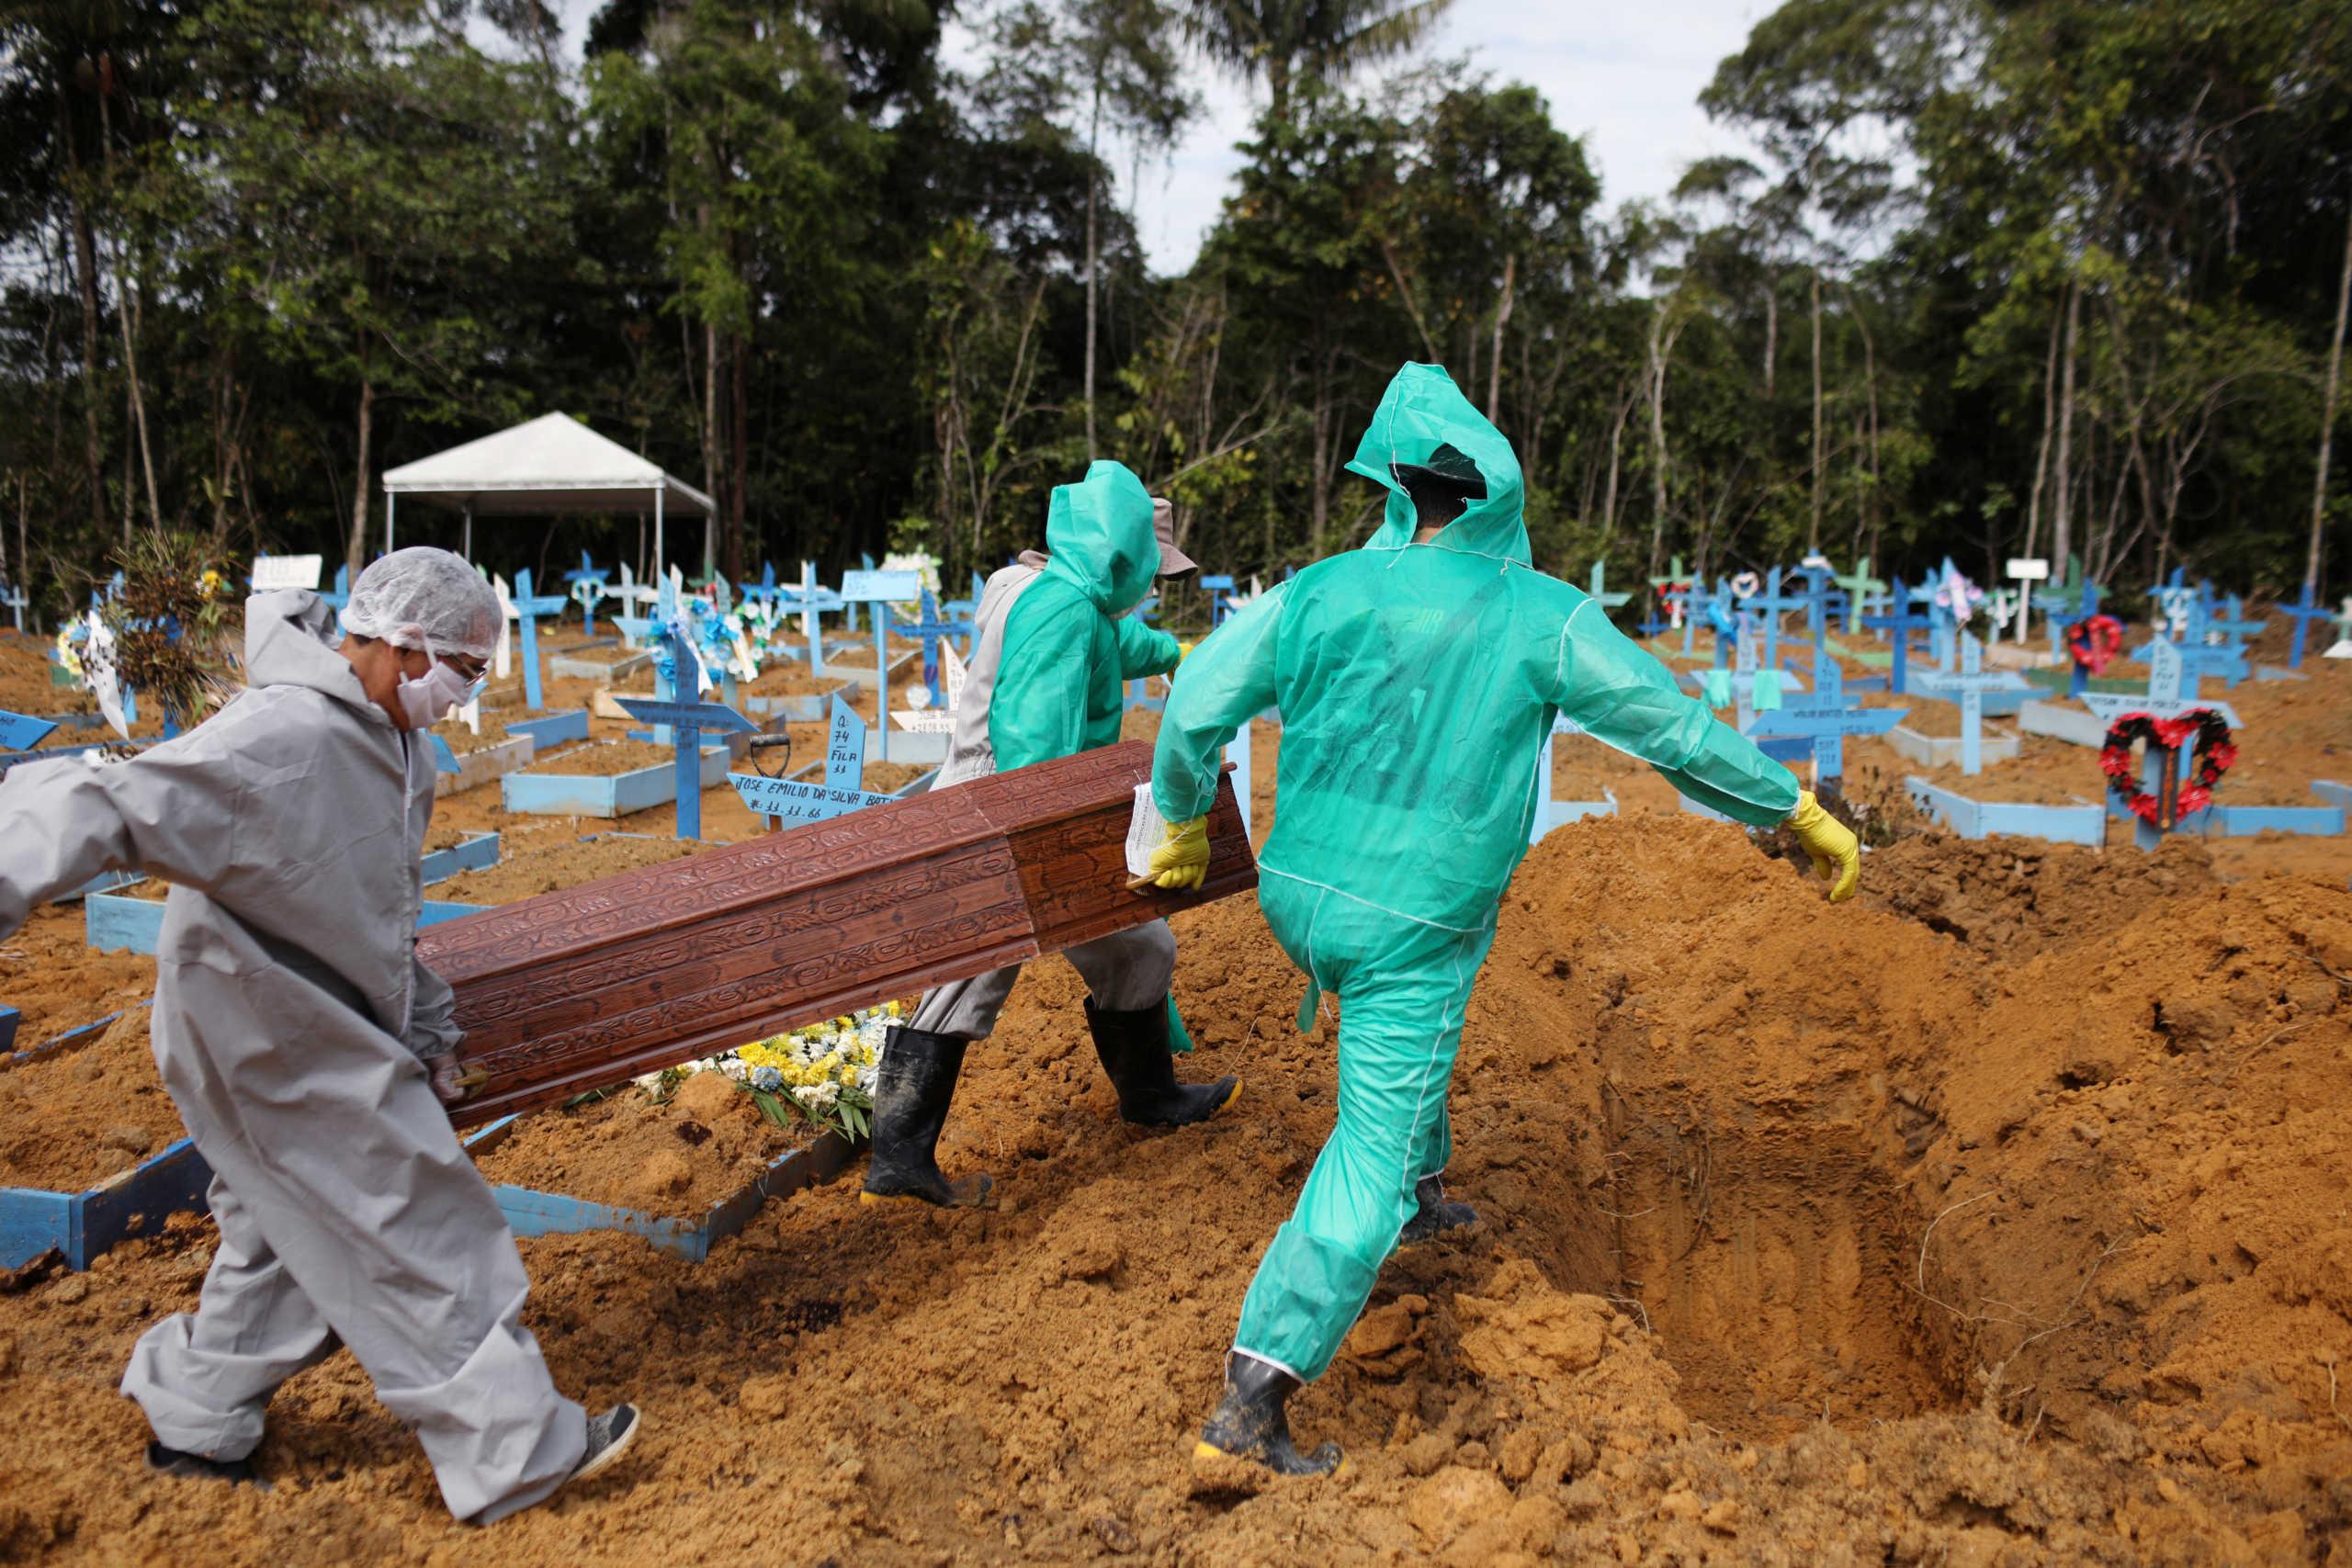 Βραζιλία: Έσπασε το φράγμα των 500.000 θανάτων από κορονοϊό